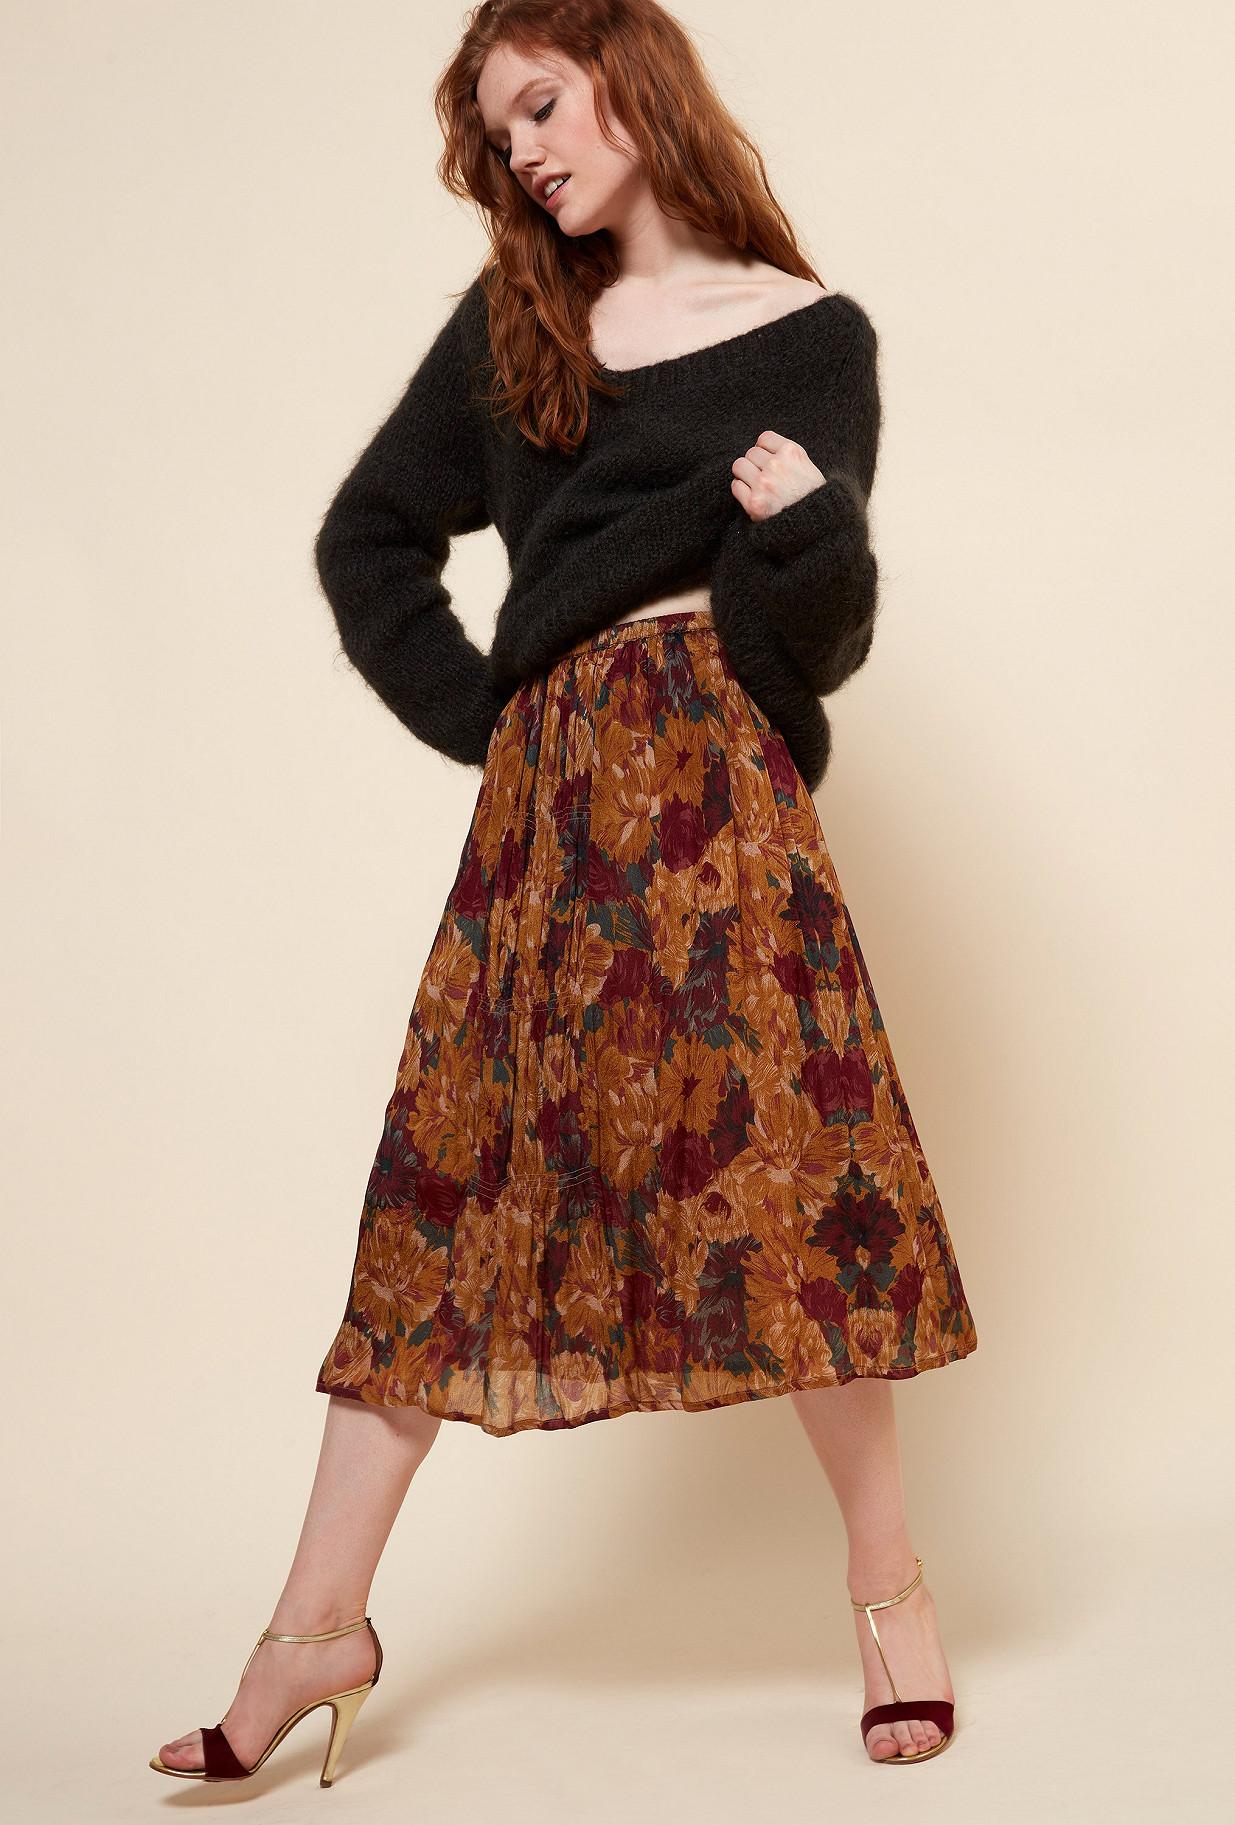 Paris boutique de mode vêtement Jupe créateur bohème  Ose